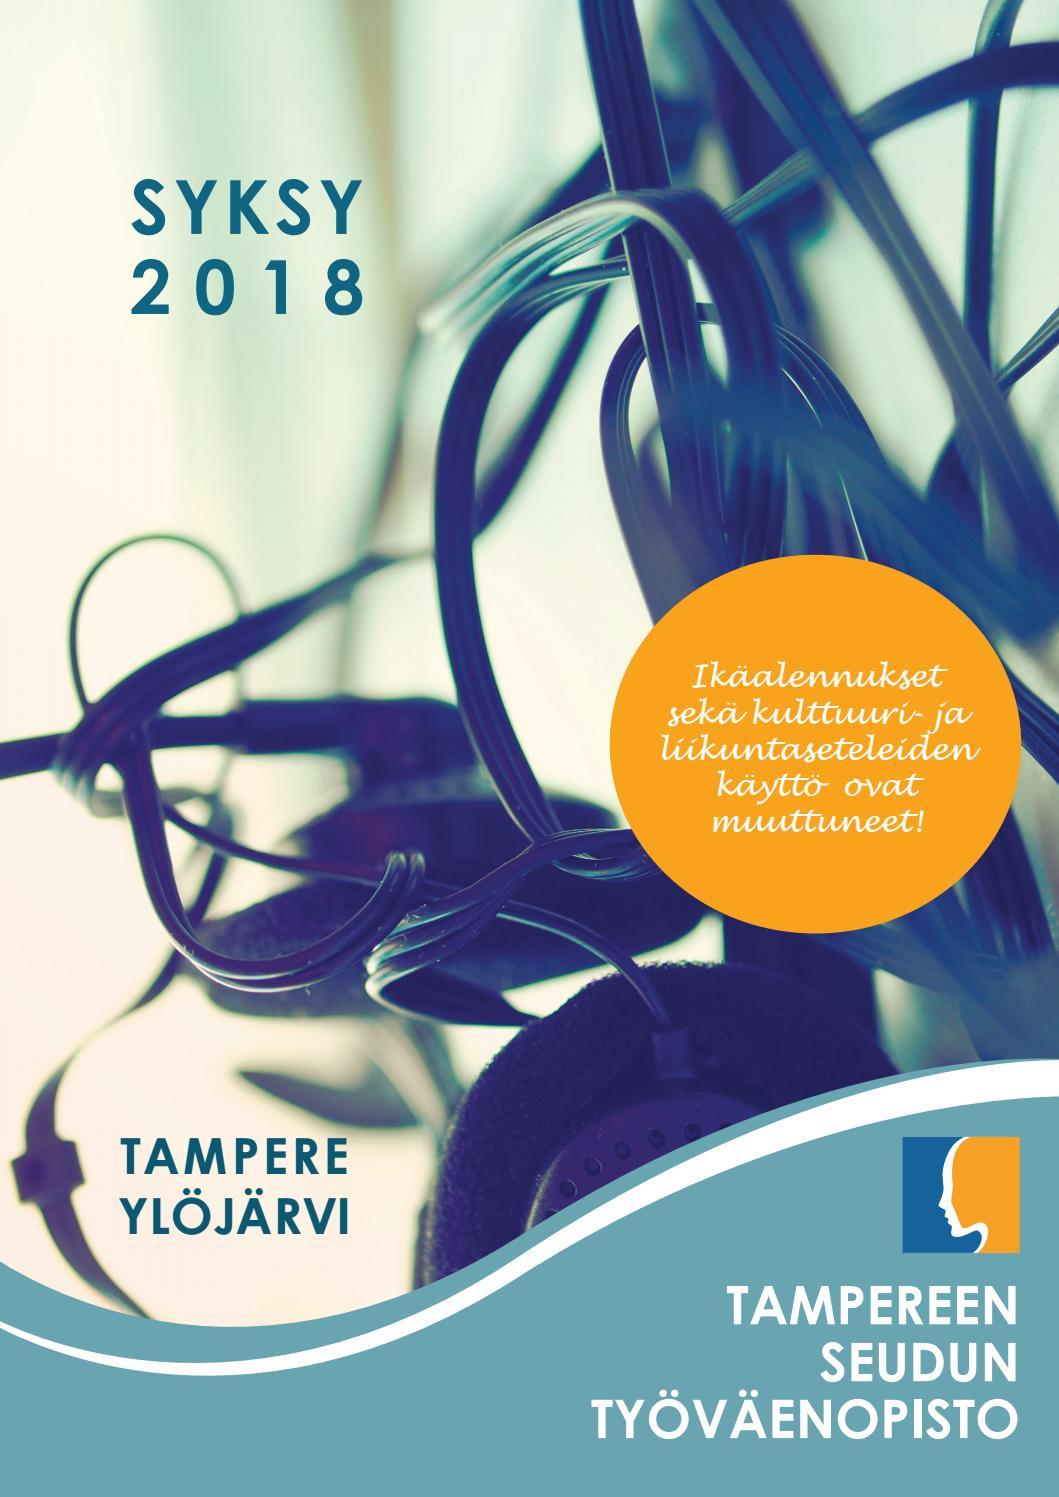 Syksy 2018 by Ulla Jousmäki - issuu bc50363a8d